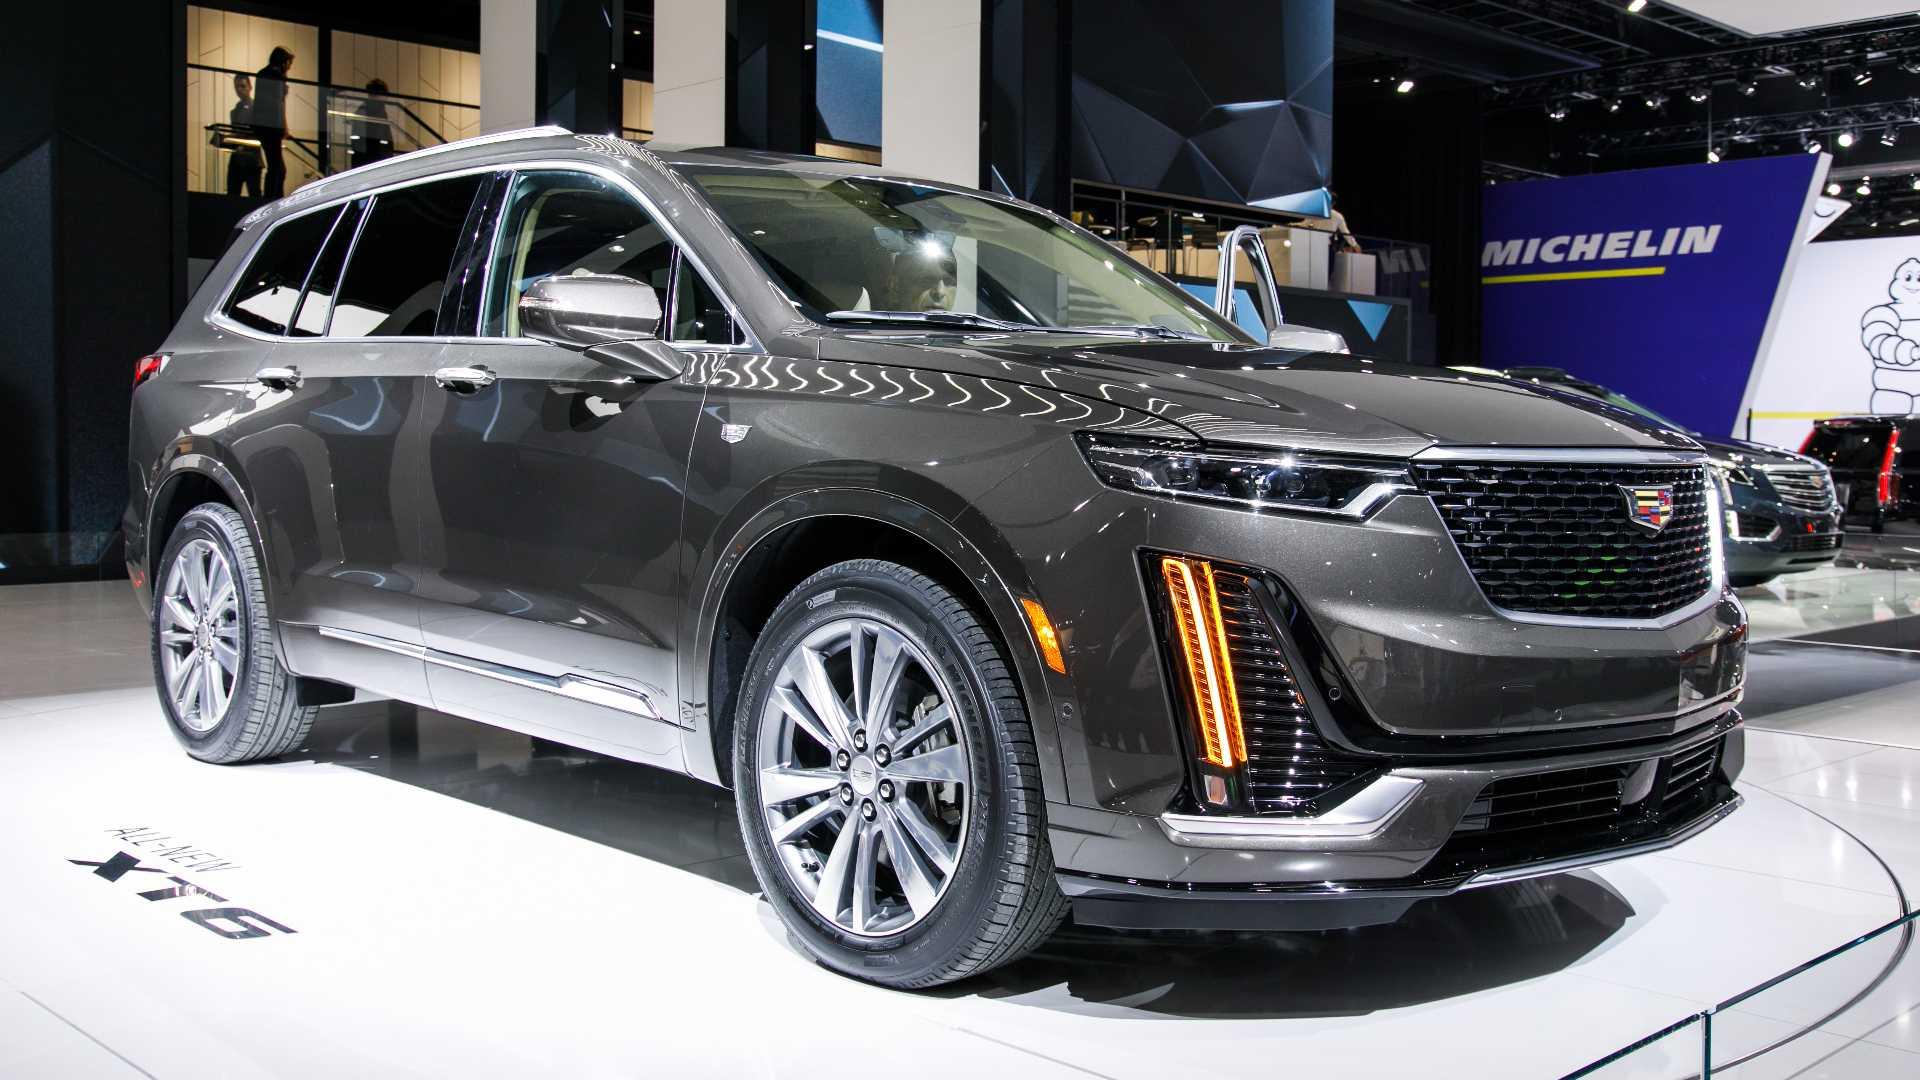 12 Great 2020 Cadillac Suv Lineup History with 2020 Cadillac Suv Lineup